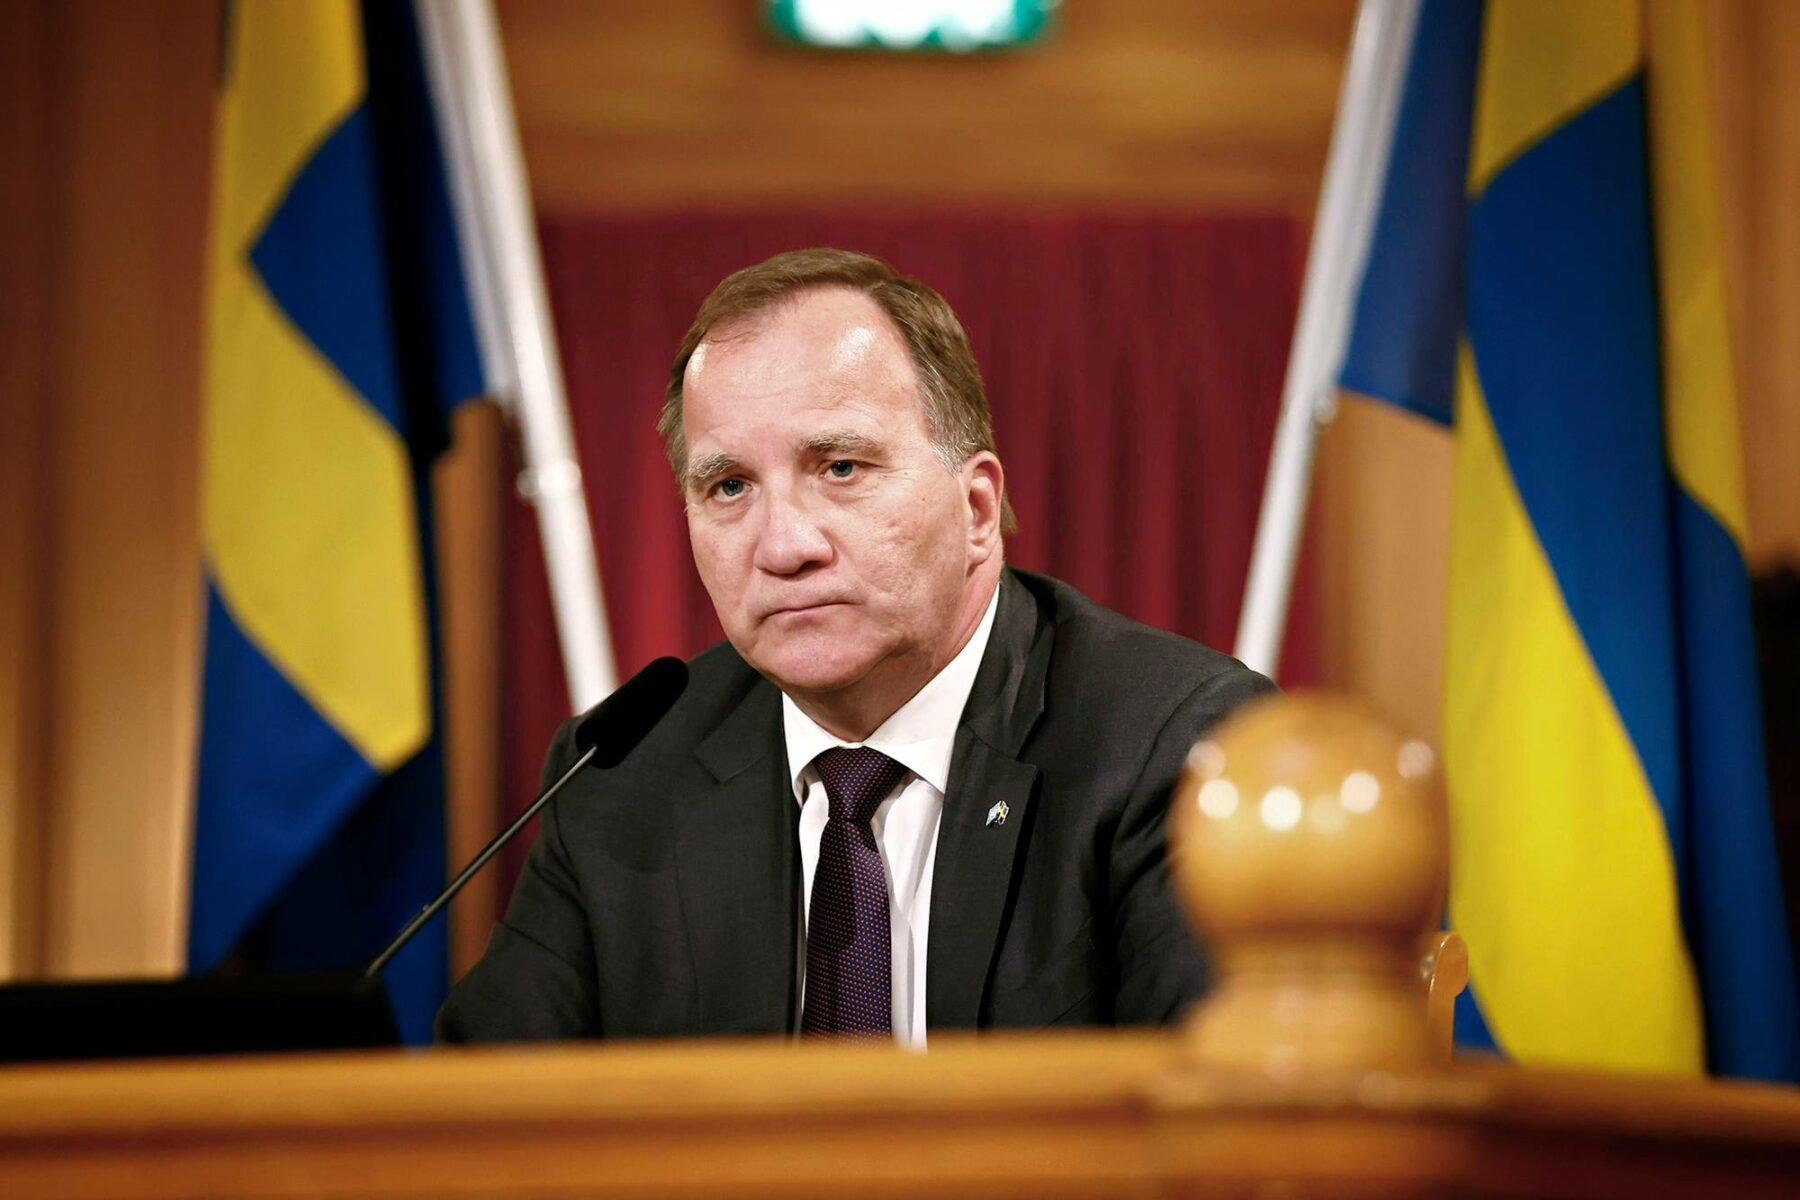 Sosiaalidemokraattien Stefan Löfven nimitettiin hallitustunnustelijaksi maanantaina 5. heinäkuuta 2021.